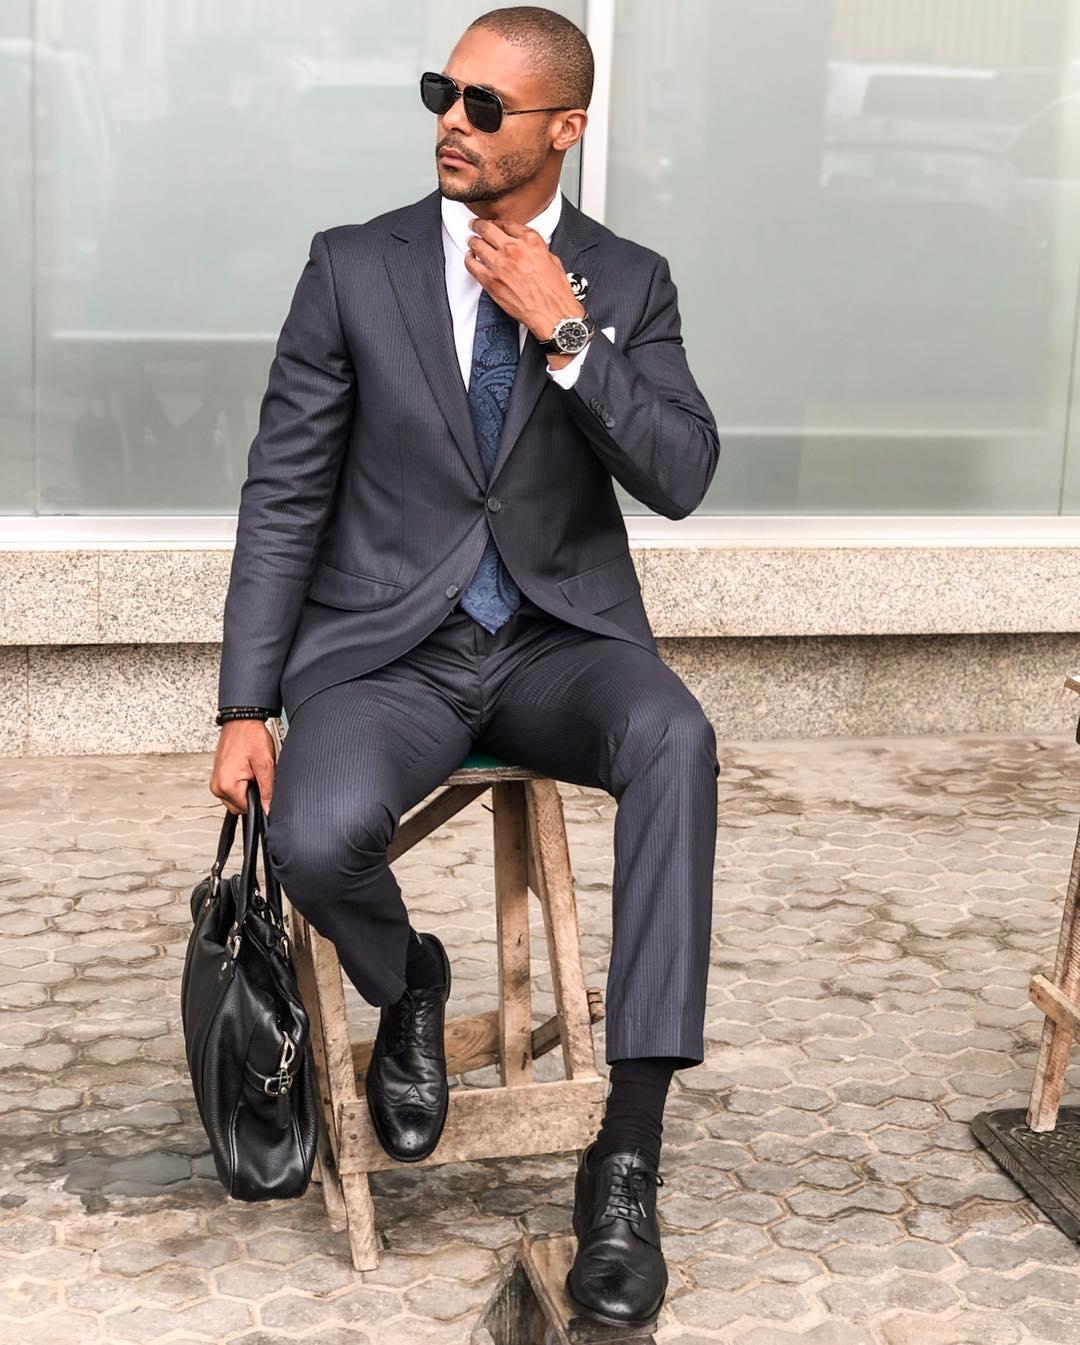 Marko D'Santo - Tinha de ser o Marko para mostrar-nos o fato certo para um dia corrido de reuniões sem esquecer claro a gravata com estampa padronizada que elevou o look para outro nível!